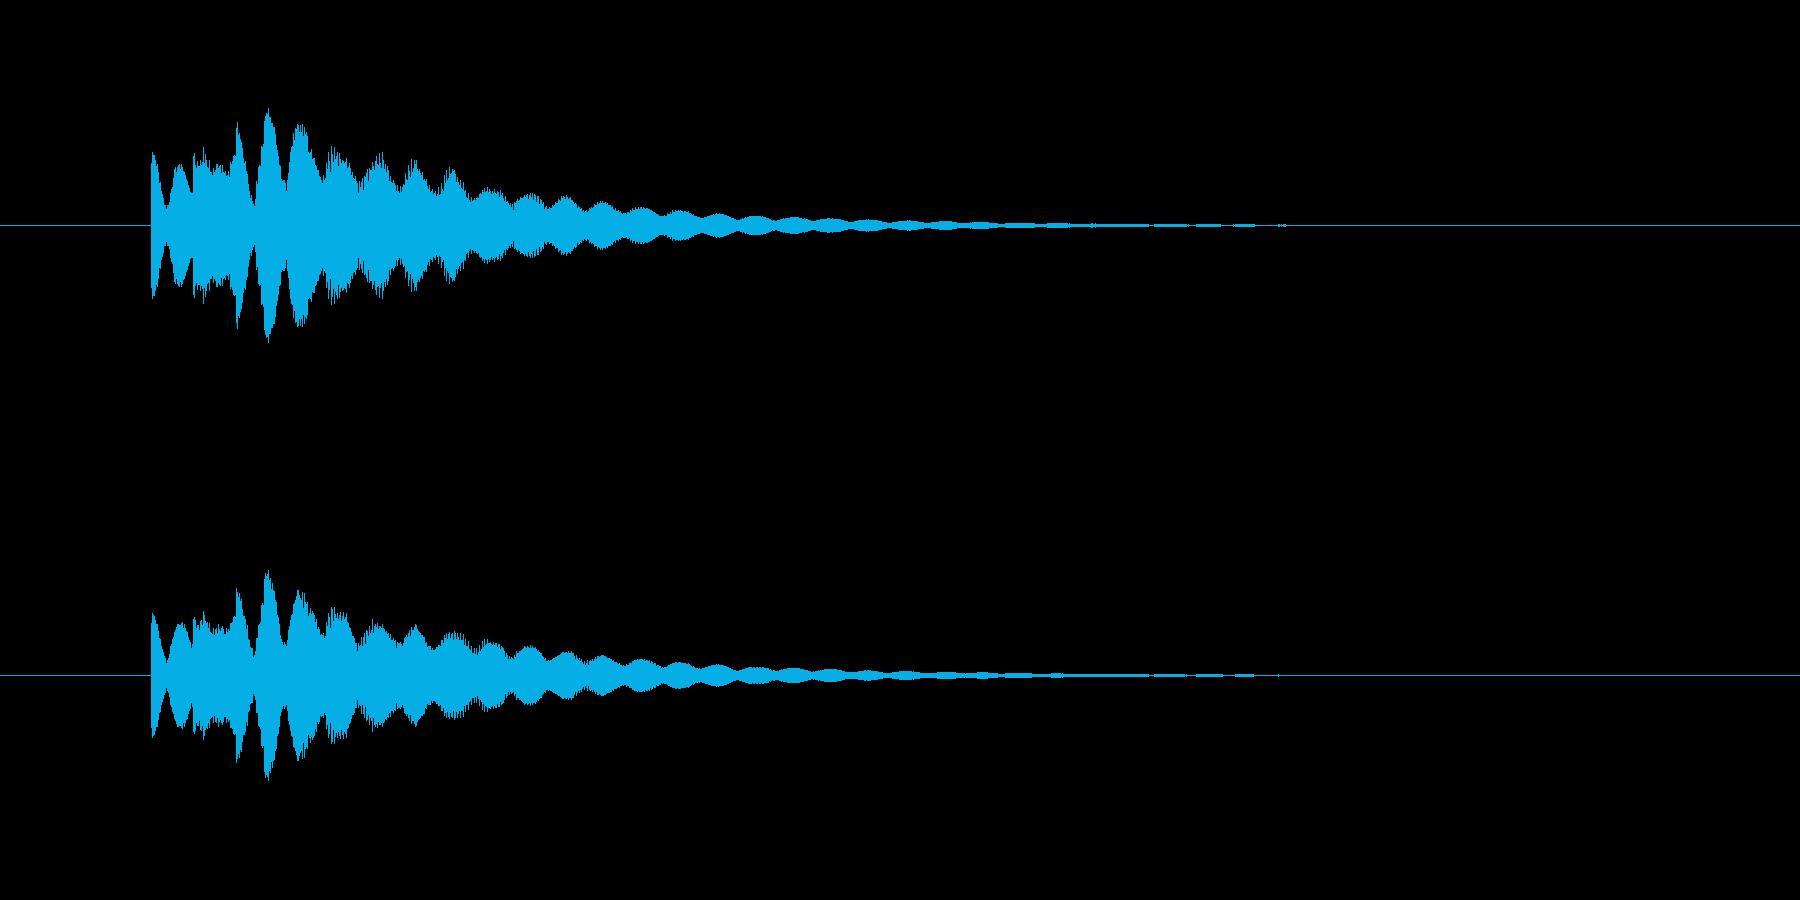 ピロピロン(透明感、爽やか)の再生済みの波形